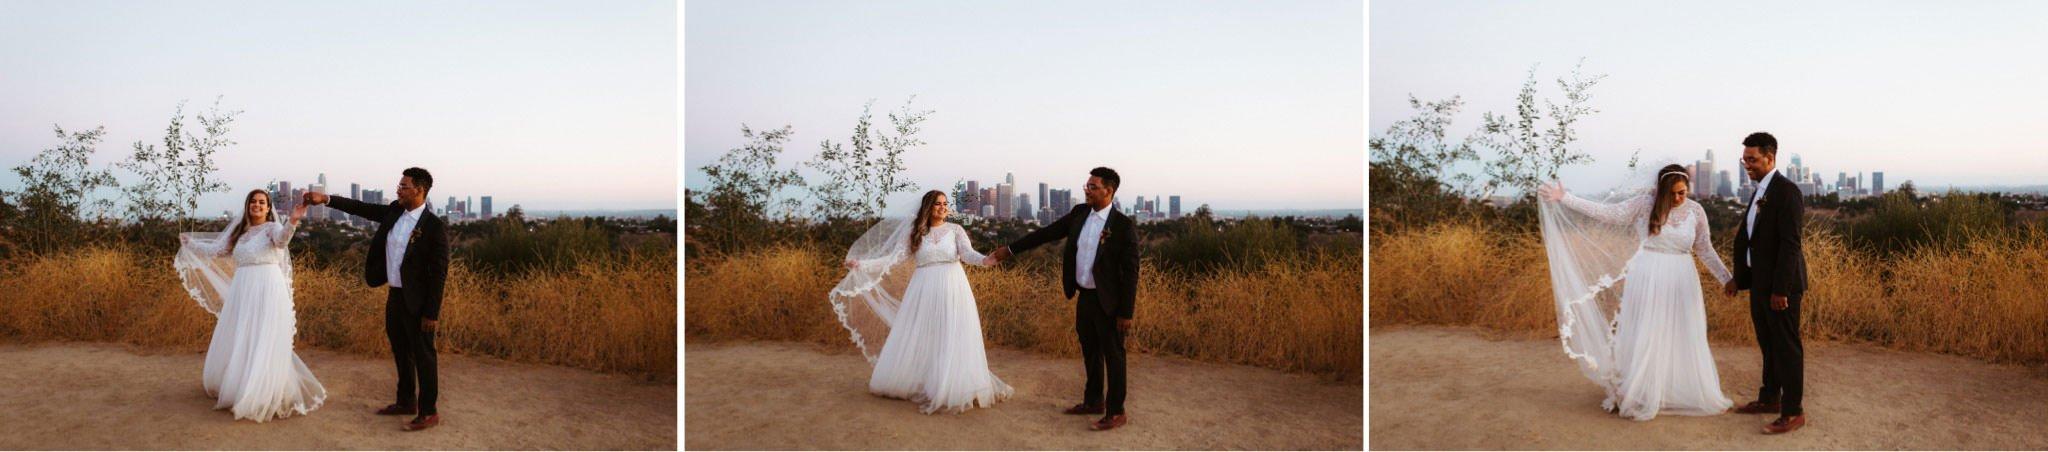 la elopement photos 127